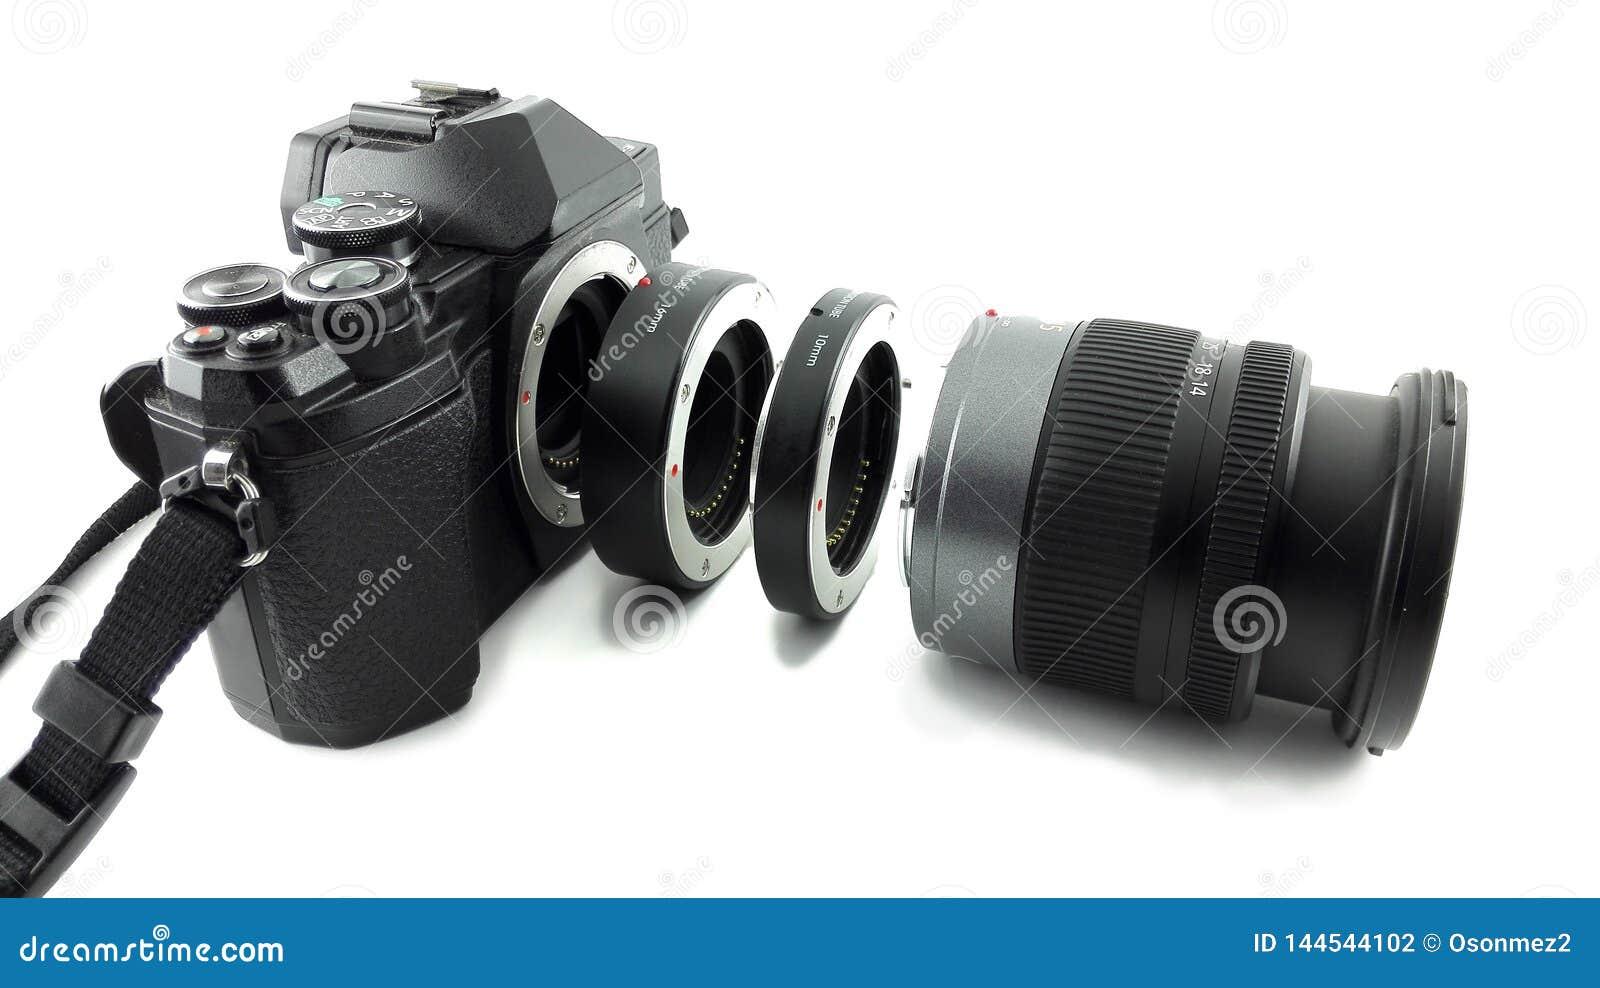 Tubo macro da extensão introduzido entre a lente e o corpo para câmeras do dslr